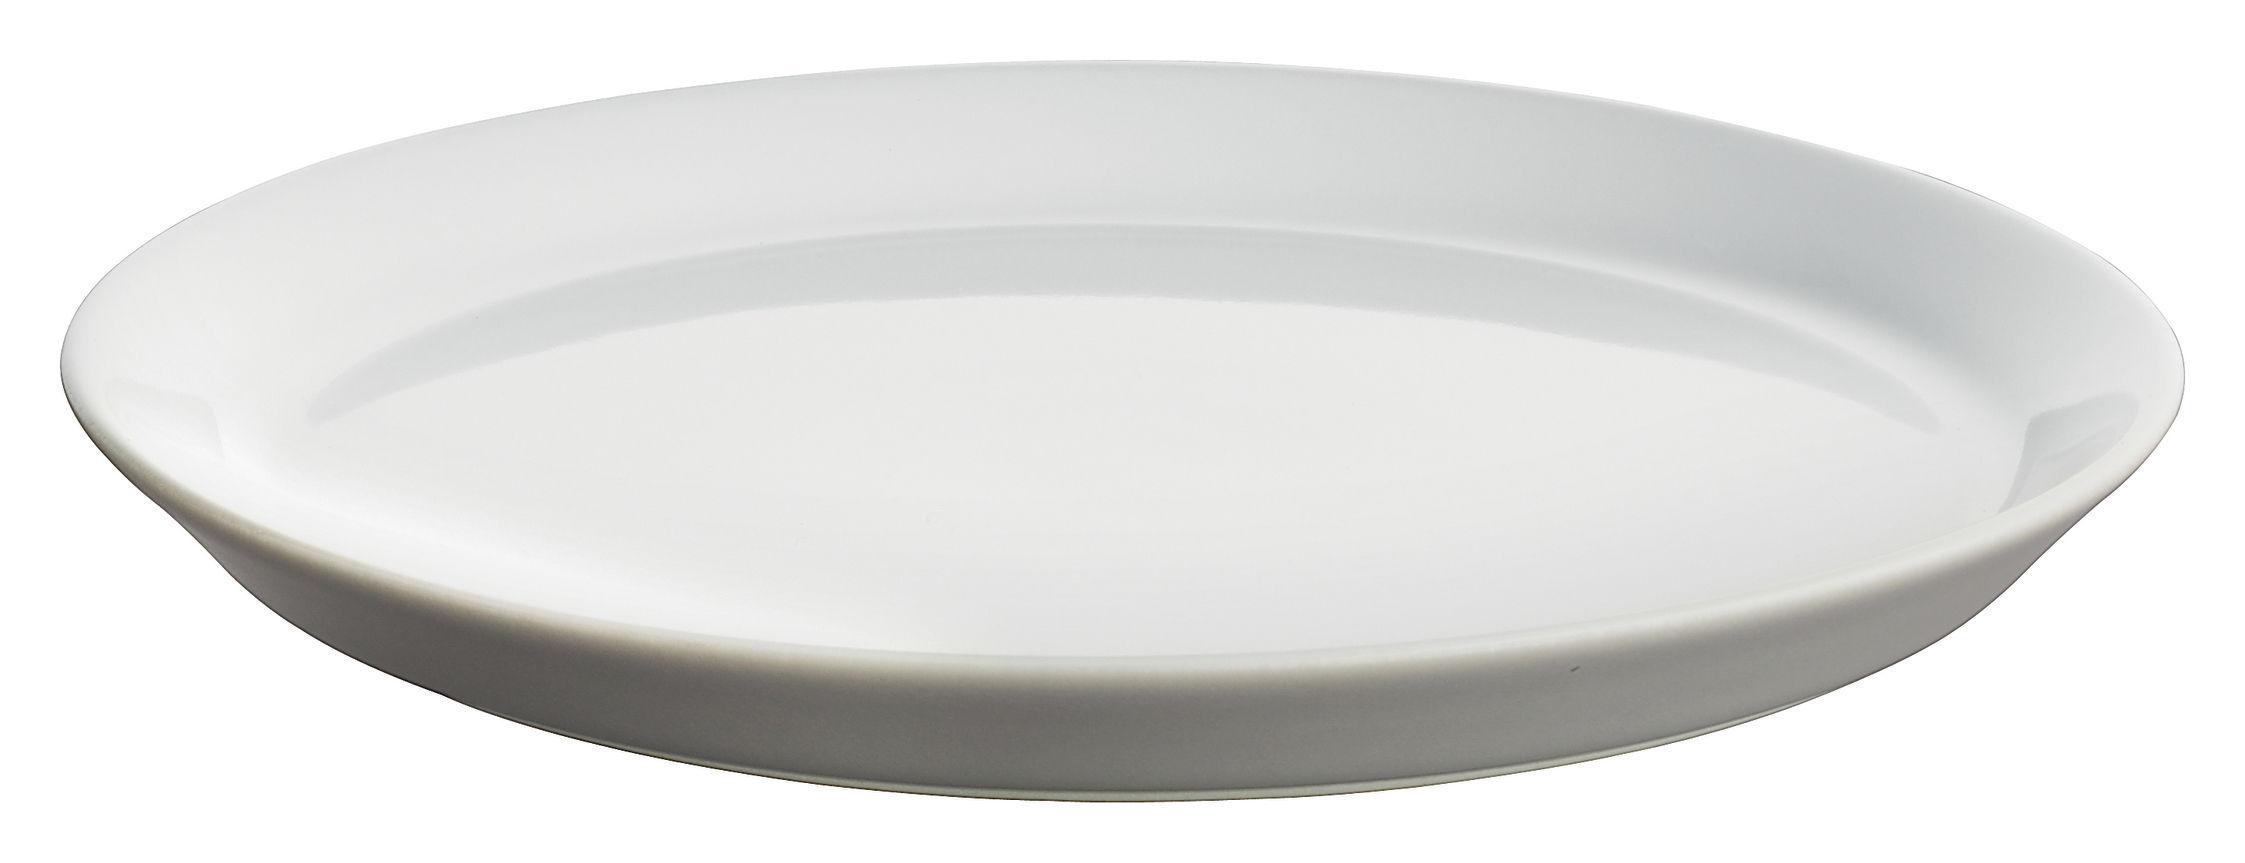 Tavola - Piatti  - Piatto da dessert Tonale di Alessi - Grigio chiaro/interno bianco - Ceramica stoneware